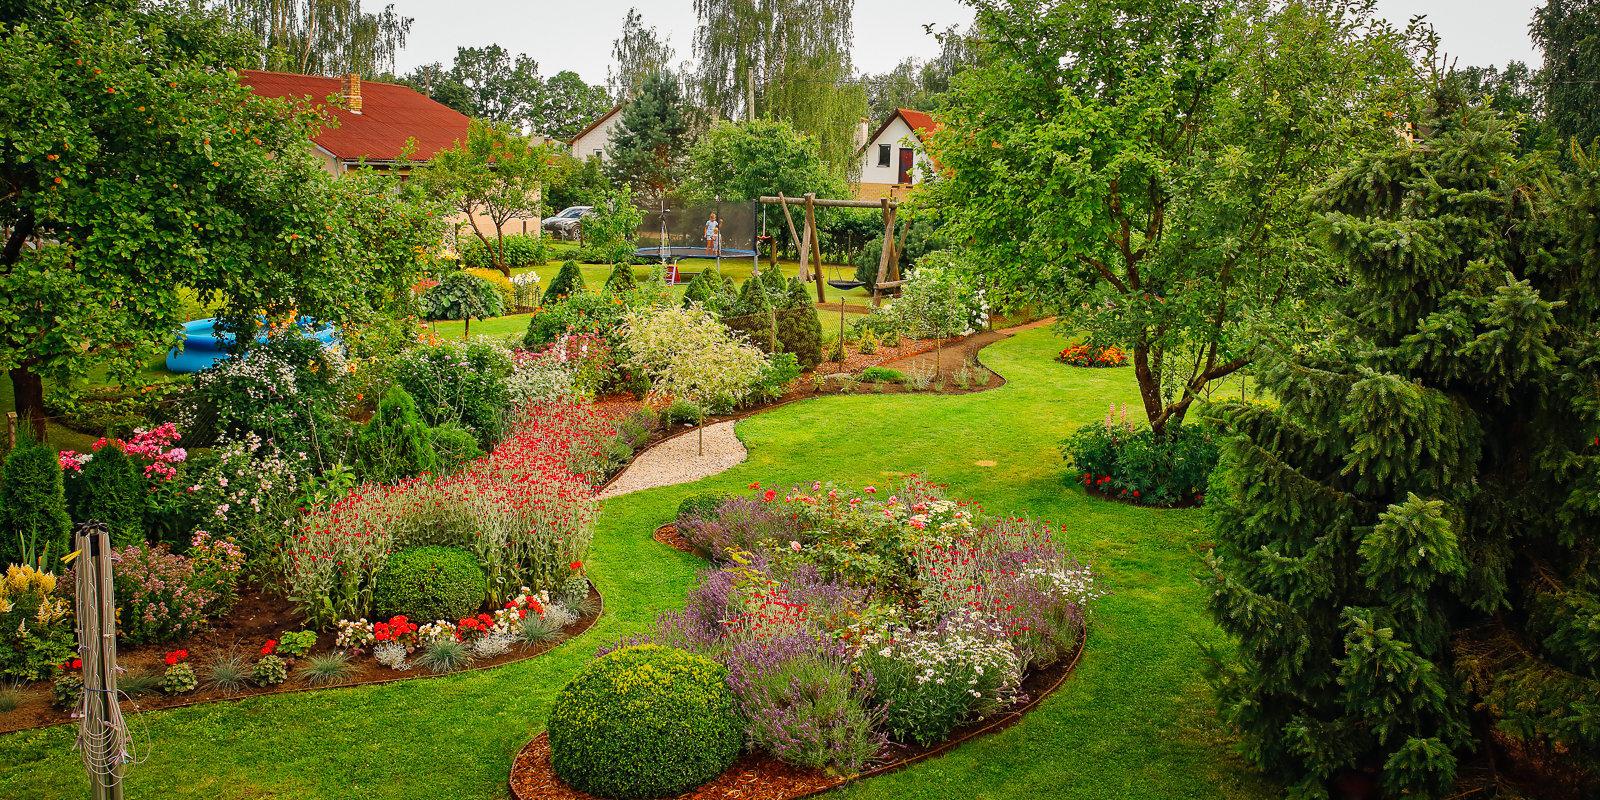 Dārzā uzplaukst draudzība. Stāsts par diviem kaimiņiem Ogrē